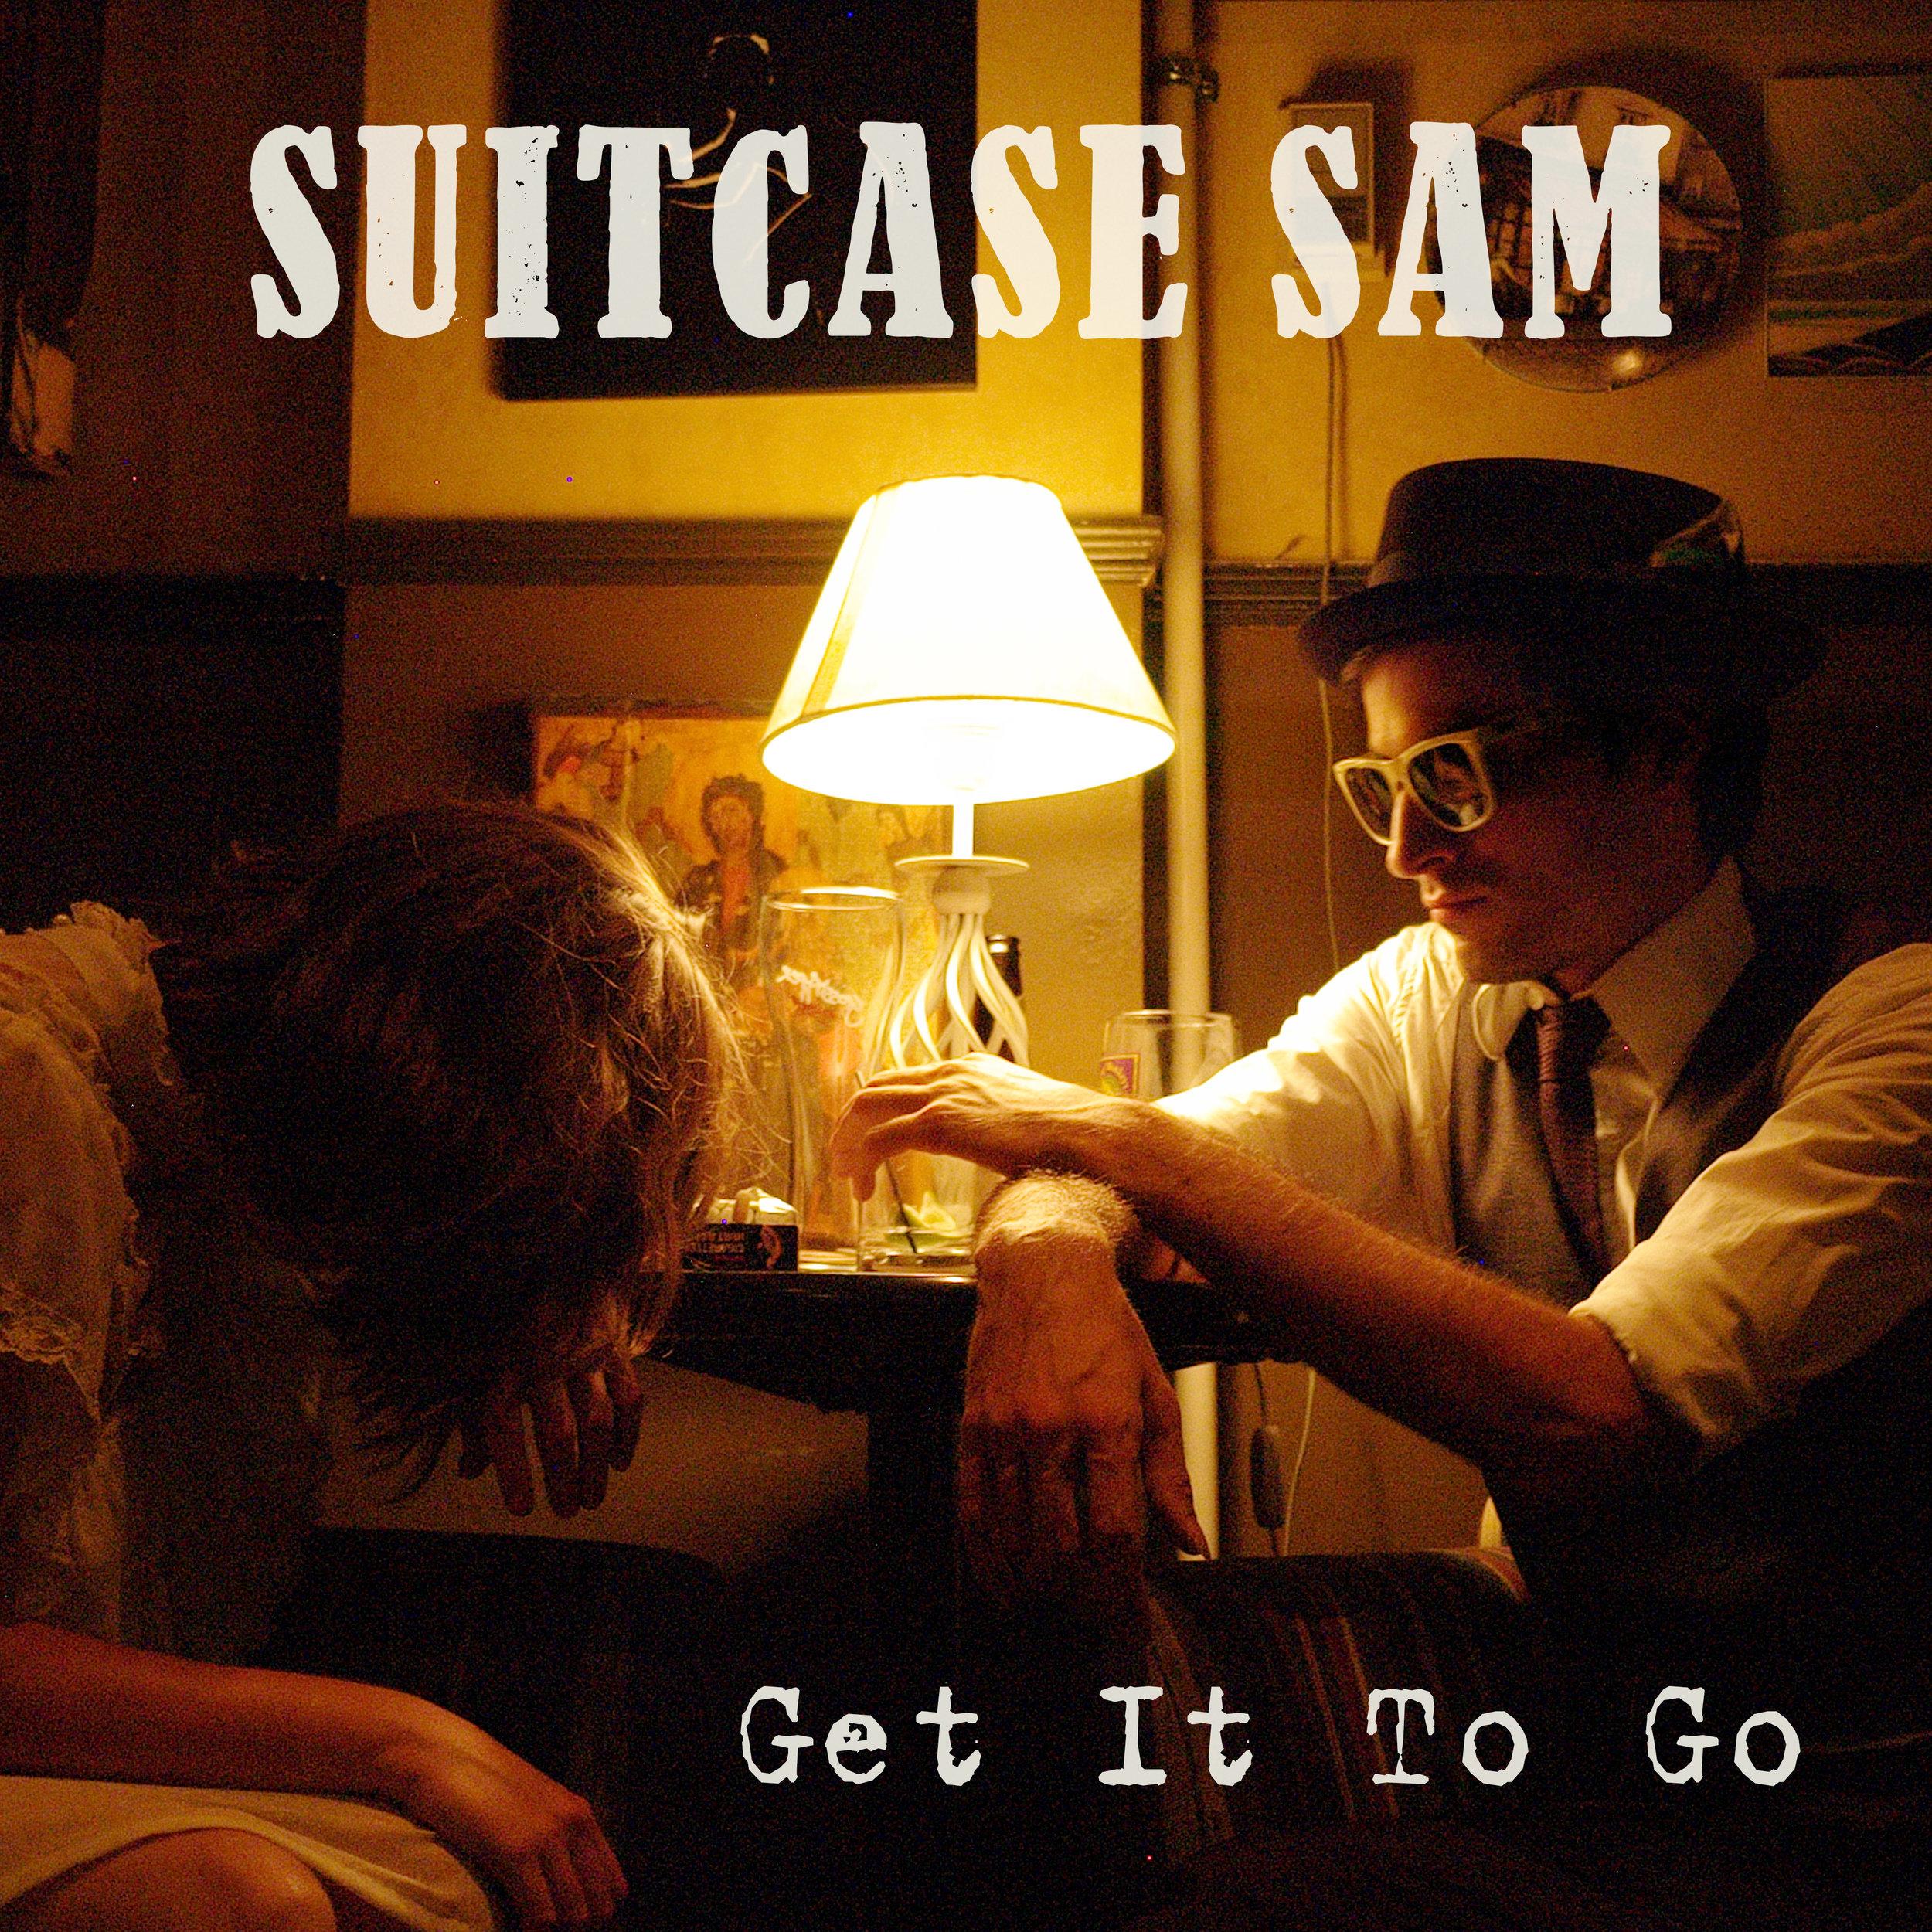 Curve_SuitcaseSam_GetItToGo_iTunes.jpg